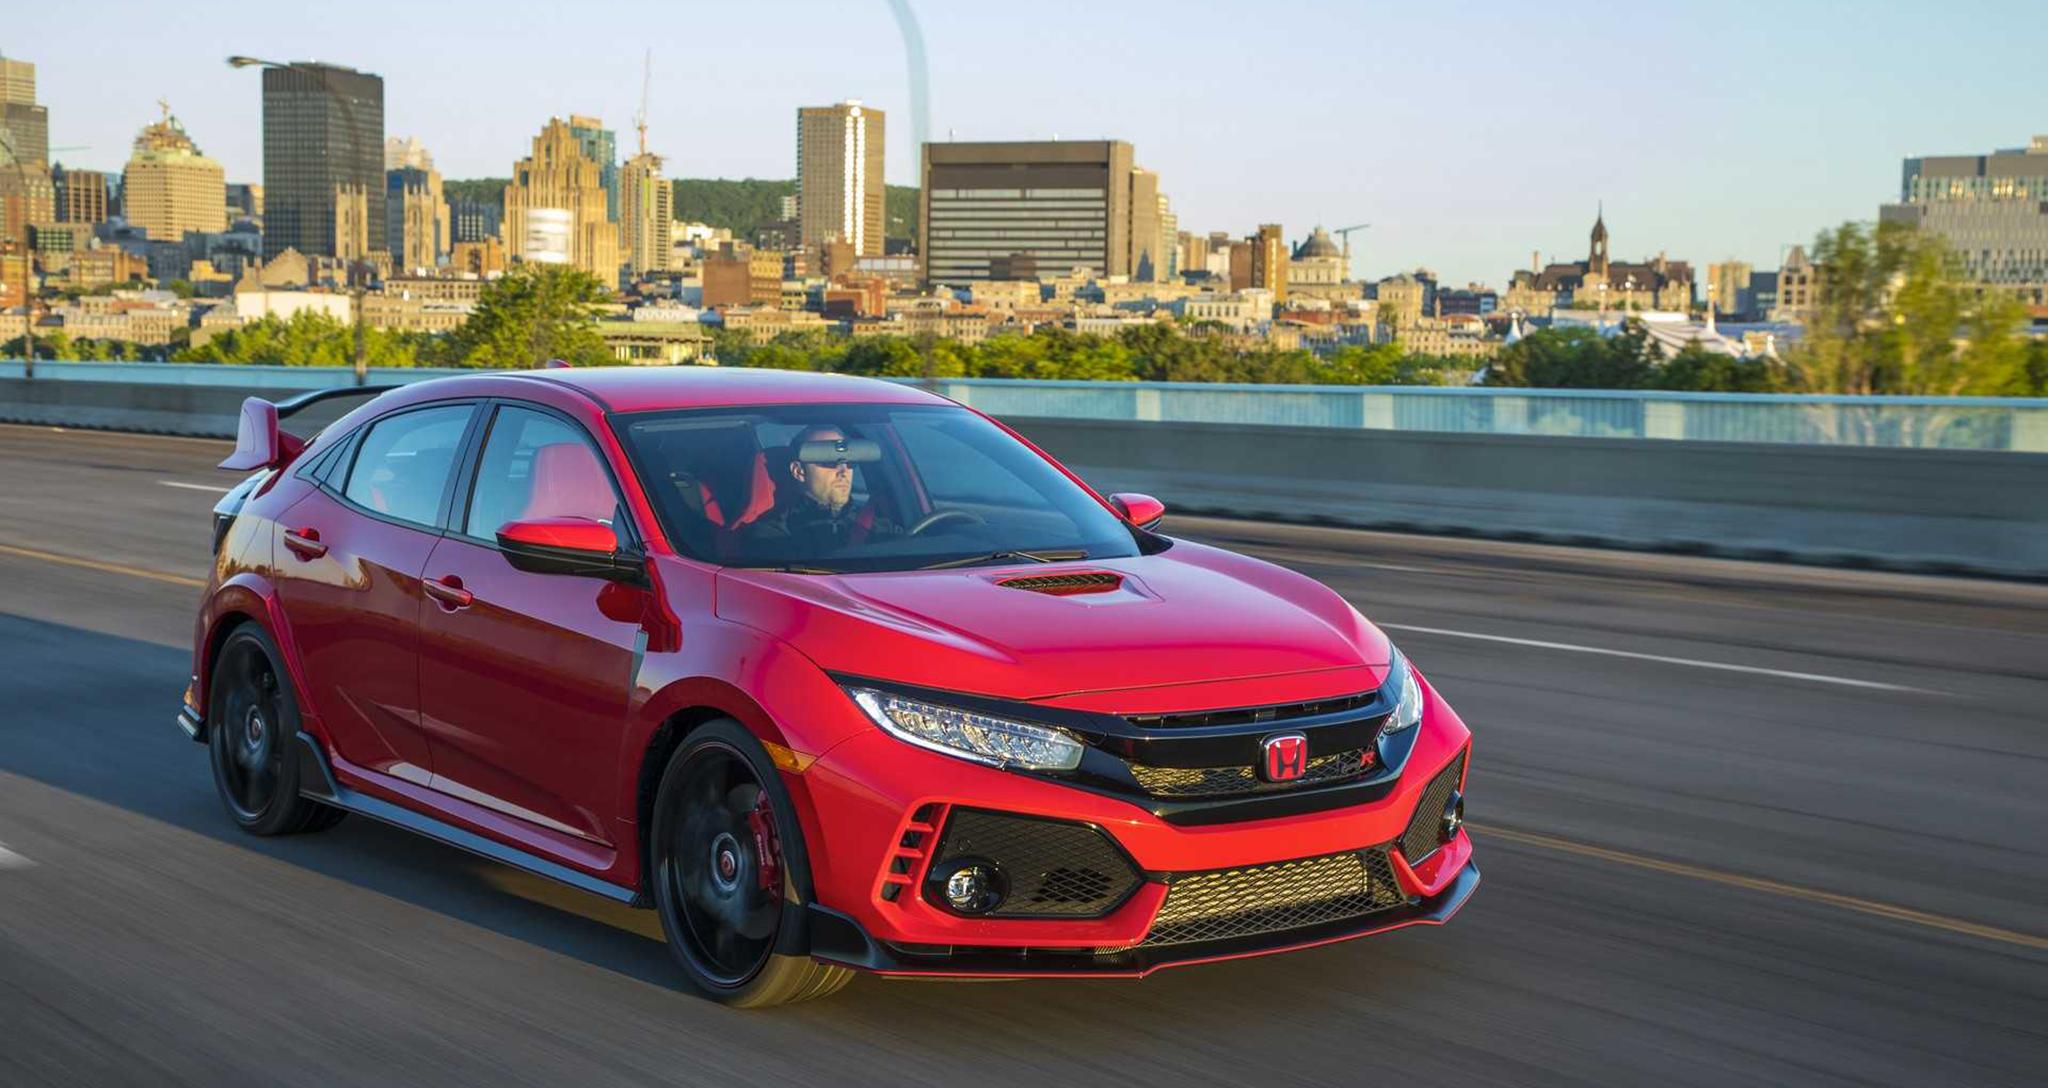 Honda Civic Type R 2019 lại tăng giá, khởi điểm từ 37.230 USD